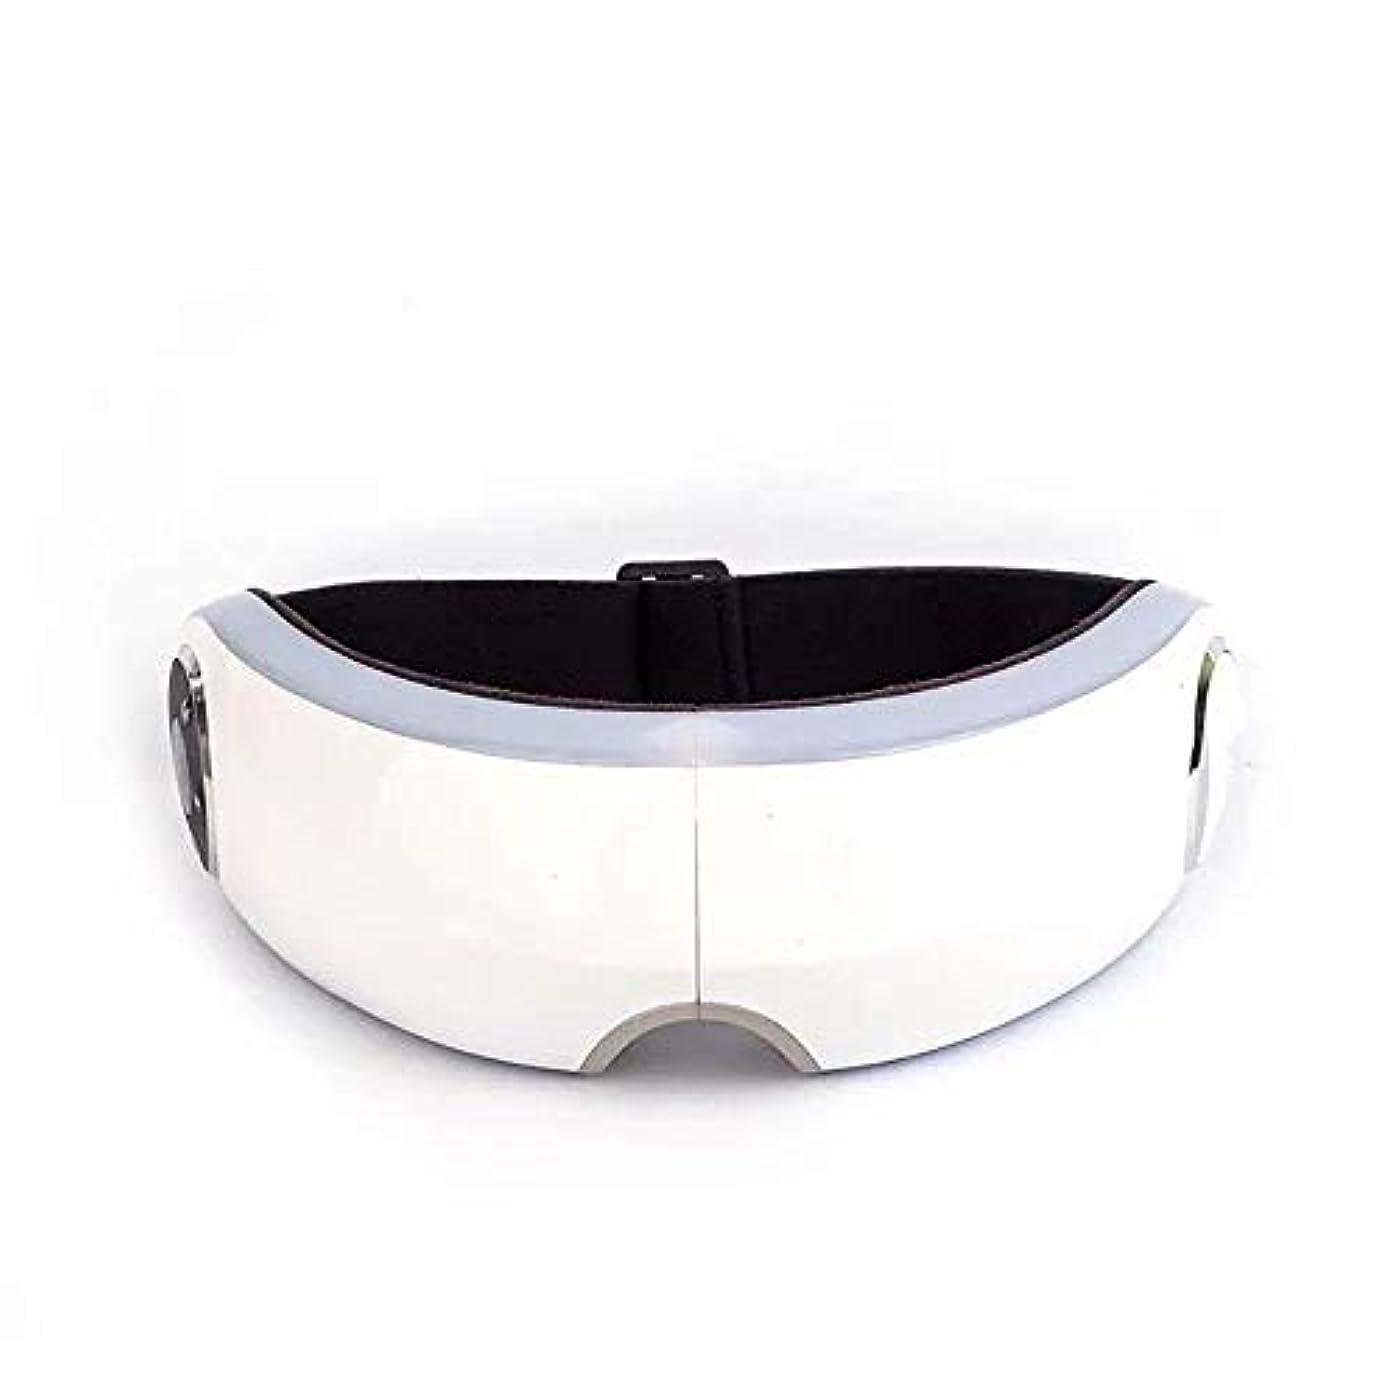 から聞く愛されし者自由Vc 女性のファッションアイマッサージャー充電式アイプロテクタービジョントレーナー高品質アイプロテクタースマートマッサージャー 品質保証